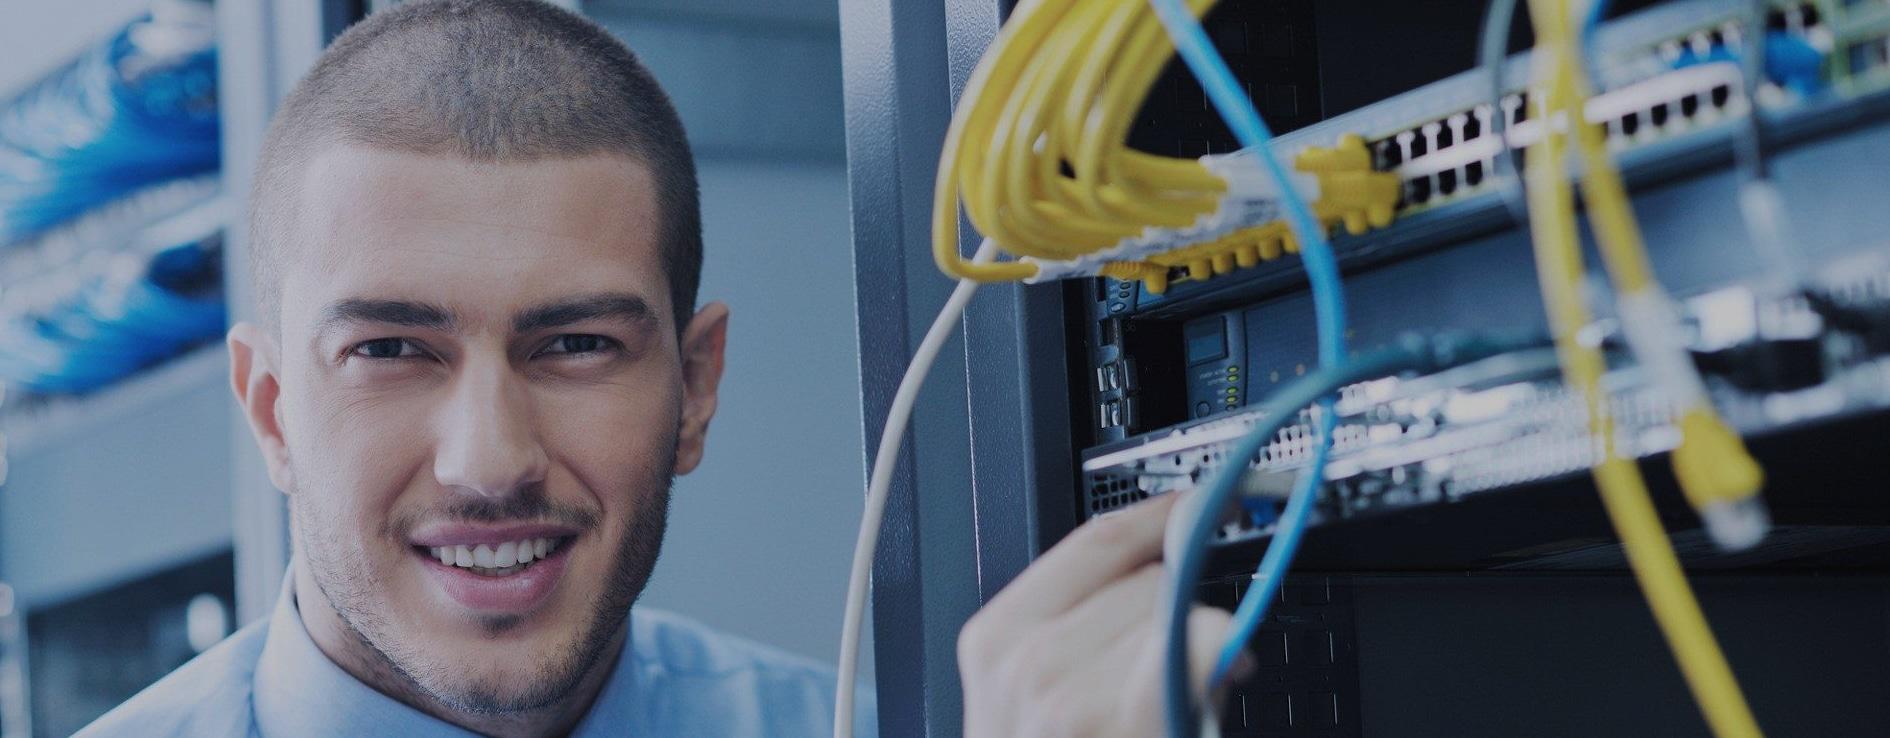 anlita nätverkstekniker